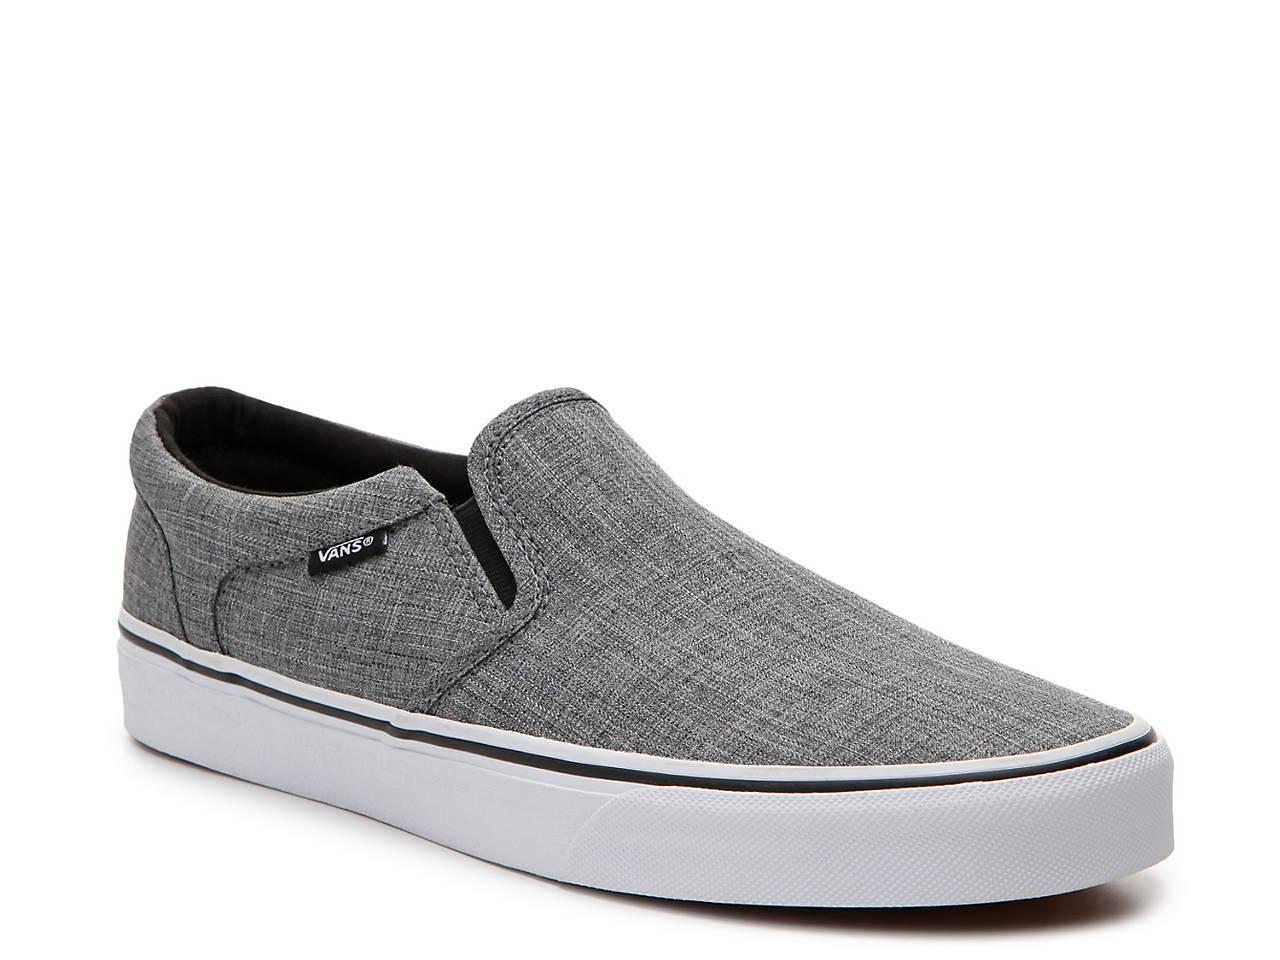 Dsw Lacoste Mens Shoes